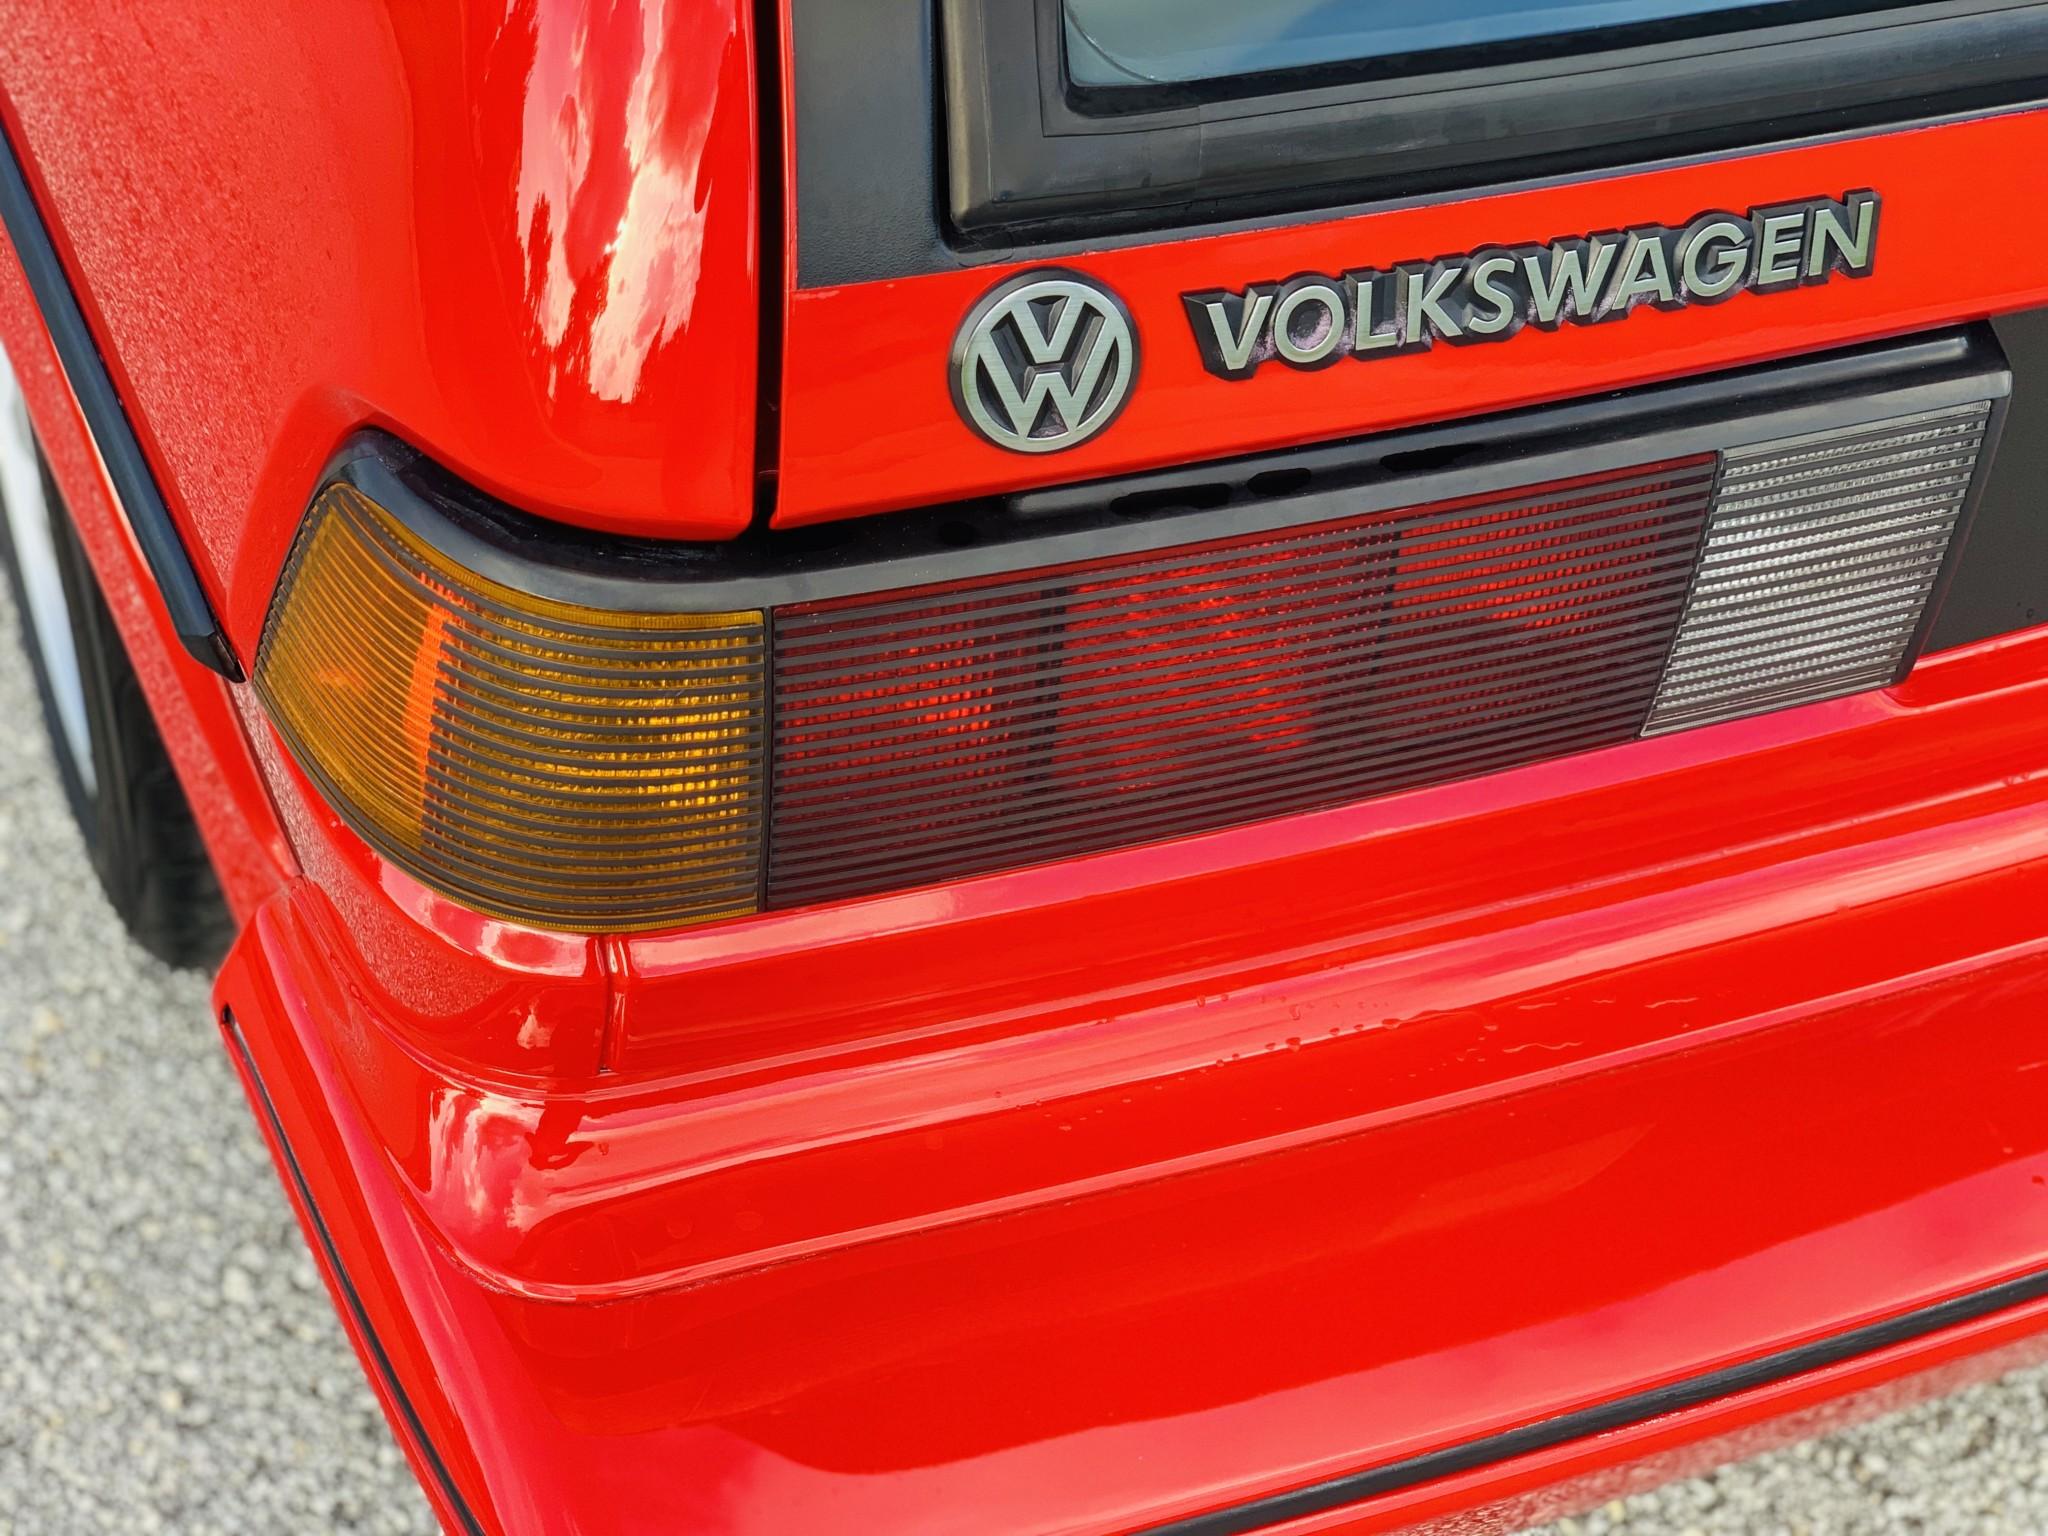 1986_volkswagen_scirocco_16v_1571783612671465ce65cbf76b795C0326E-B47B-4DFA-9BE8-ADECB9266E69